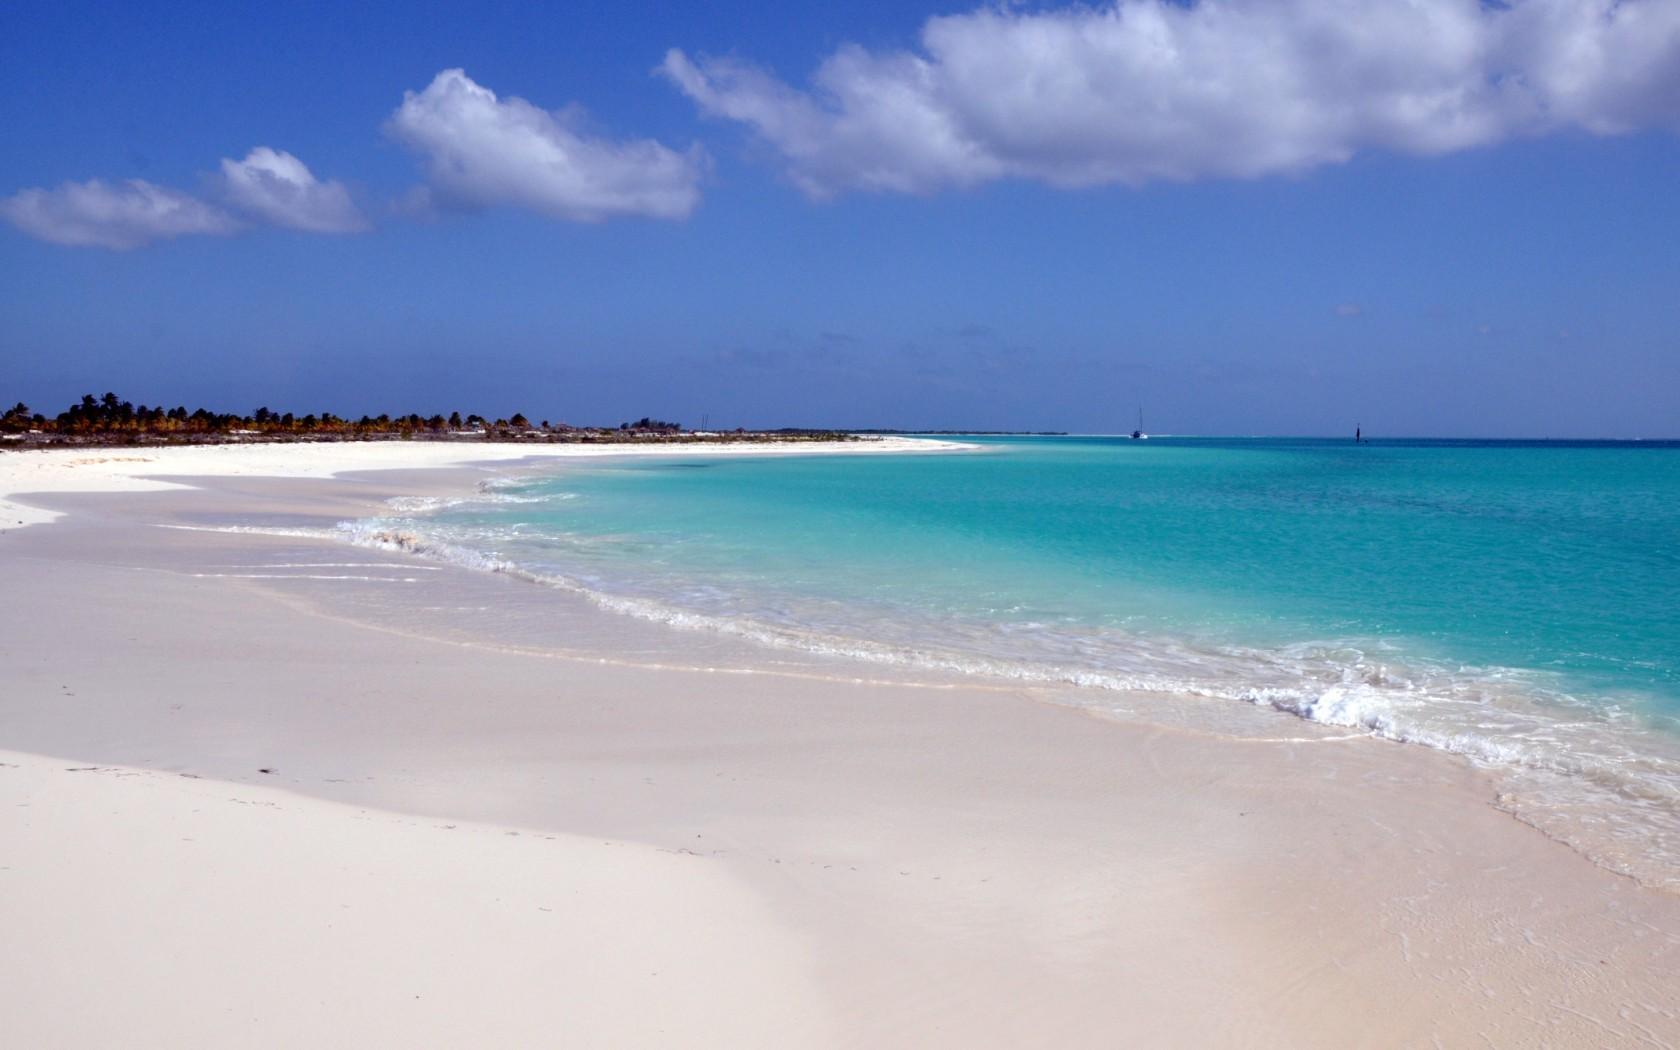 24785 скачать обои Пейзаж, Море, Облака, Пляж - заставки и картинки бесплатно